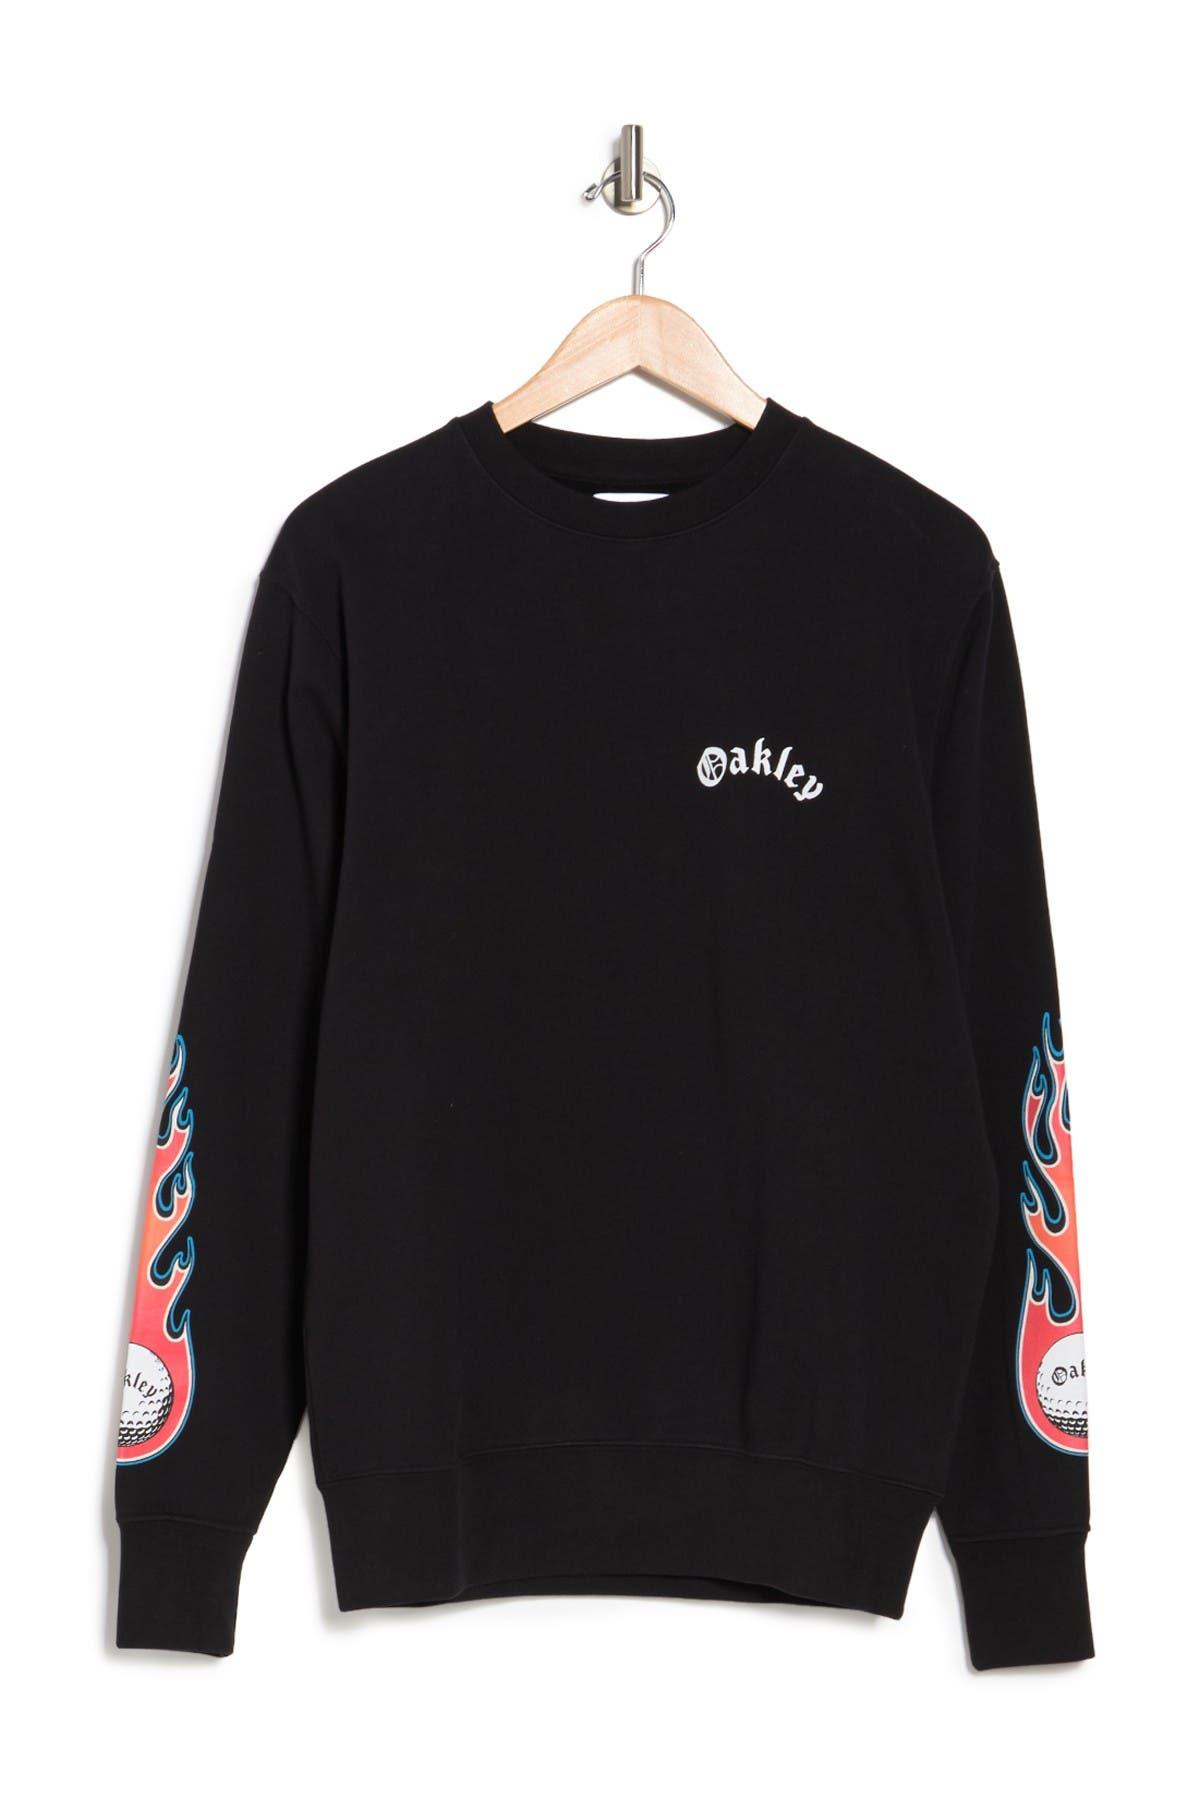 Image of Oakley Flames Long Sleeve T-Shirt